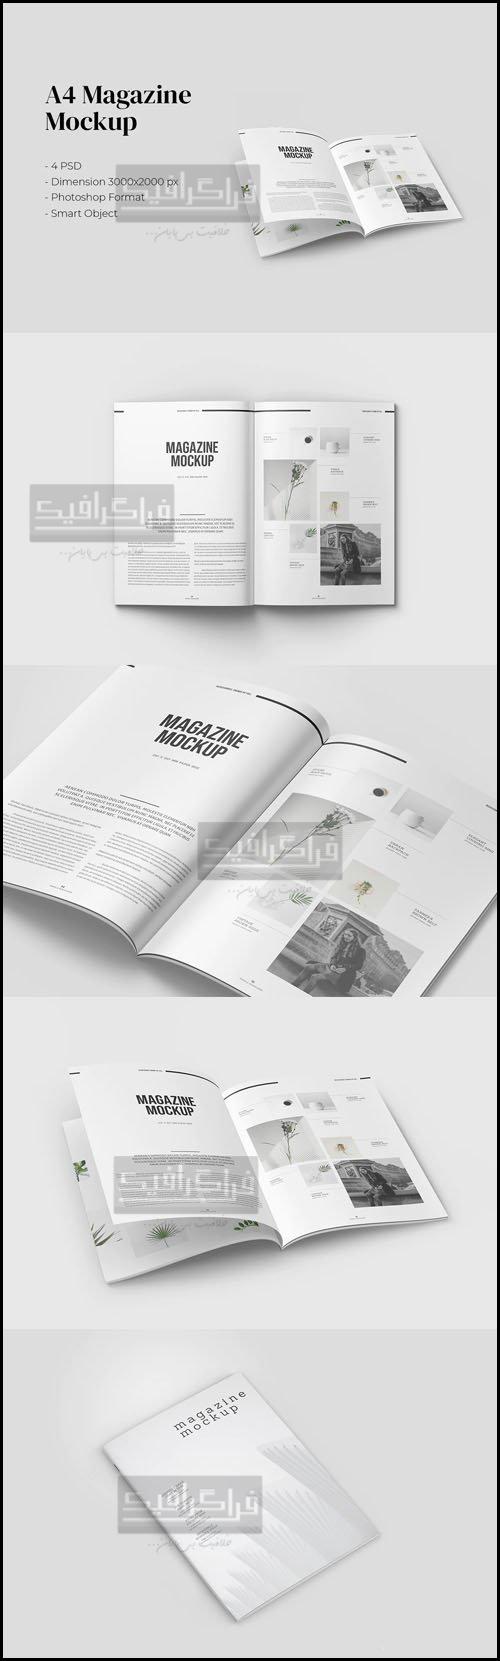 دانلود ماک آپ فتوشاپ مجله Magazine Mock Up - شماره 3